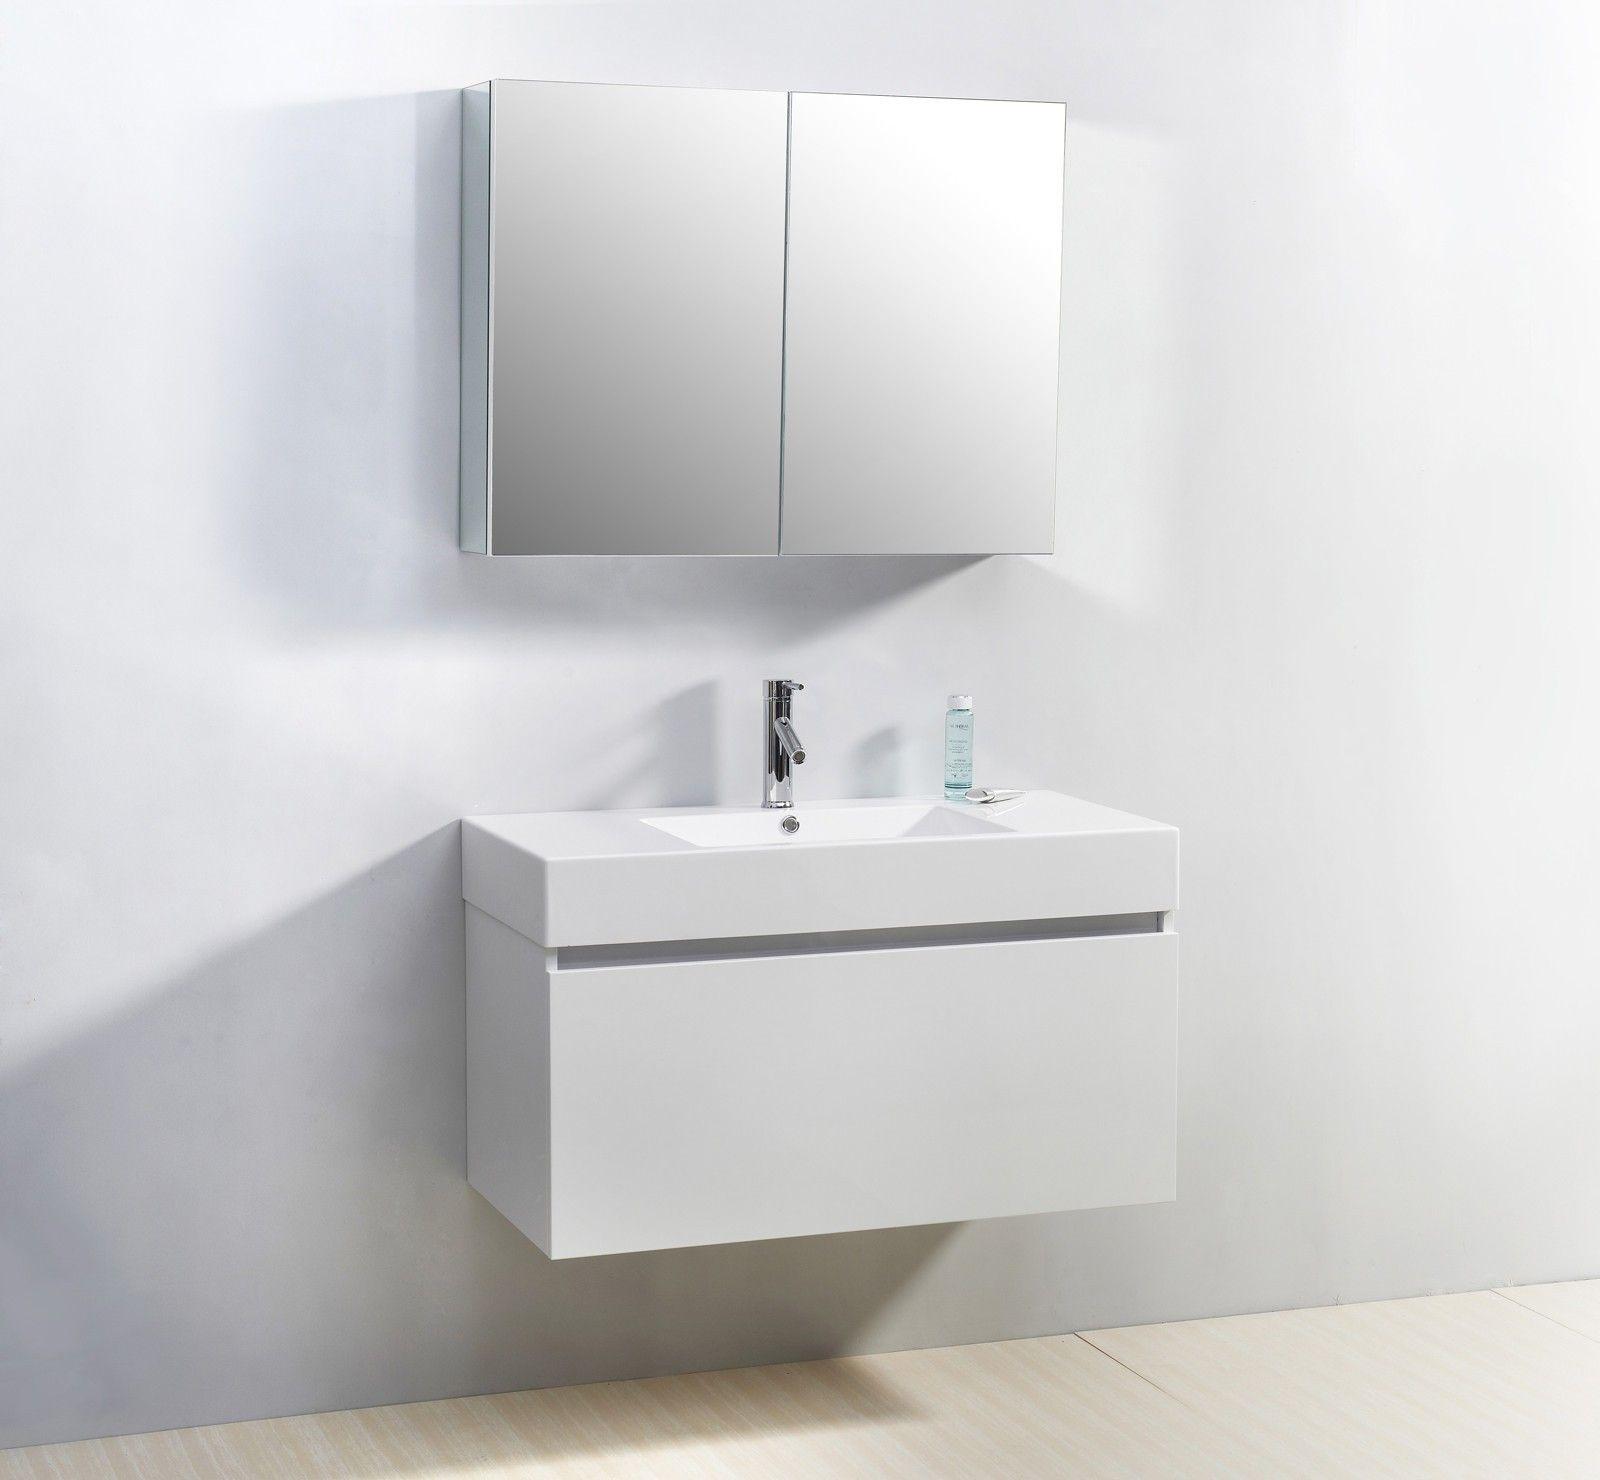 Badezimmer-eitelkeiten mit spiegeln moderne weiß badezimmer eitelkeiten  mehr auf unserer website